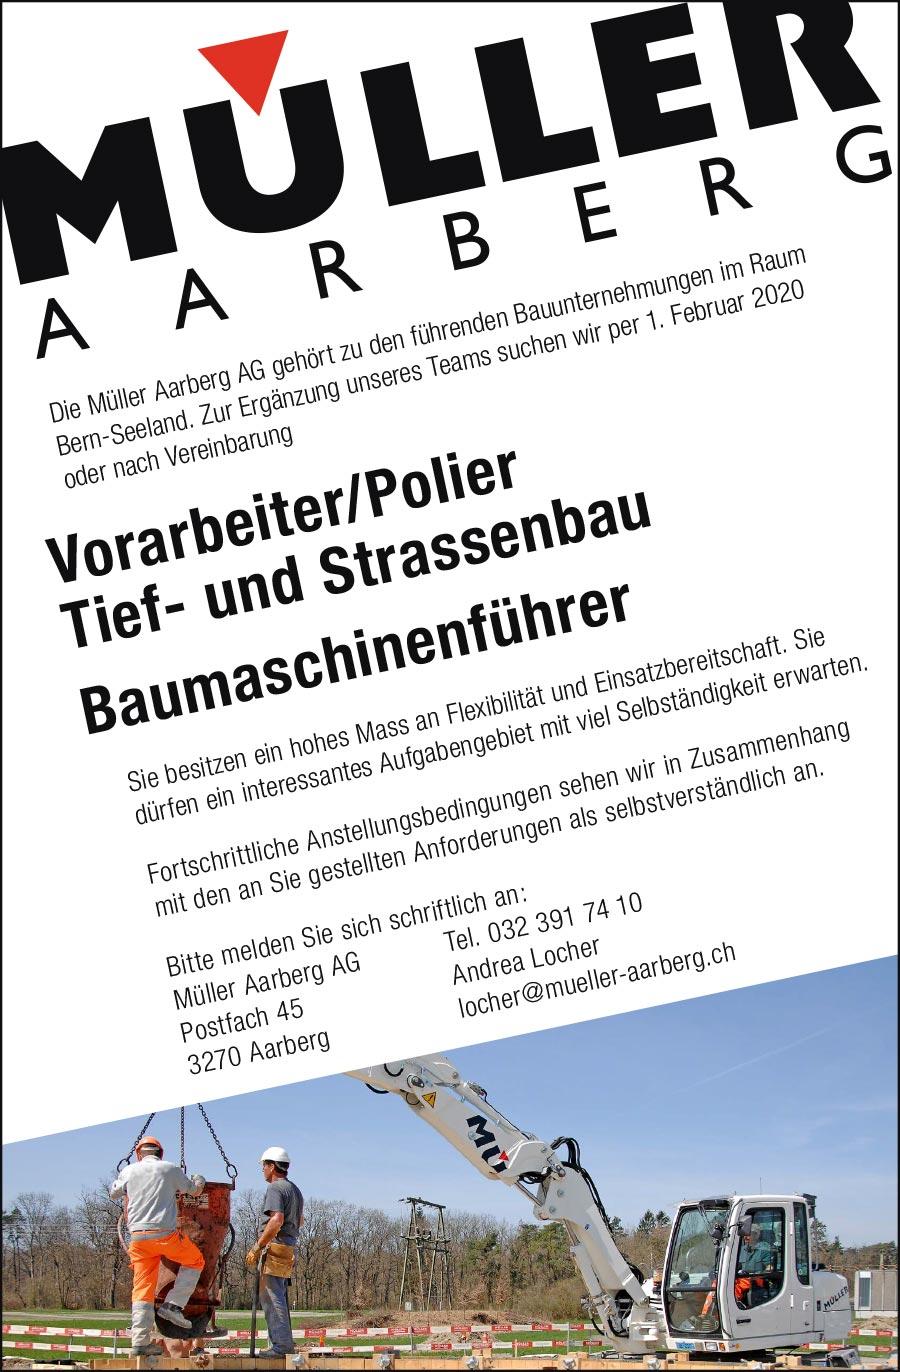 Vorarbeiter-Polier-Tief-und-Strassenbau-Baumaschinenführer